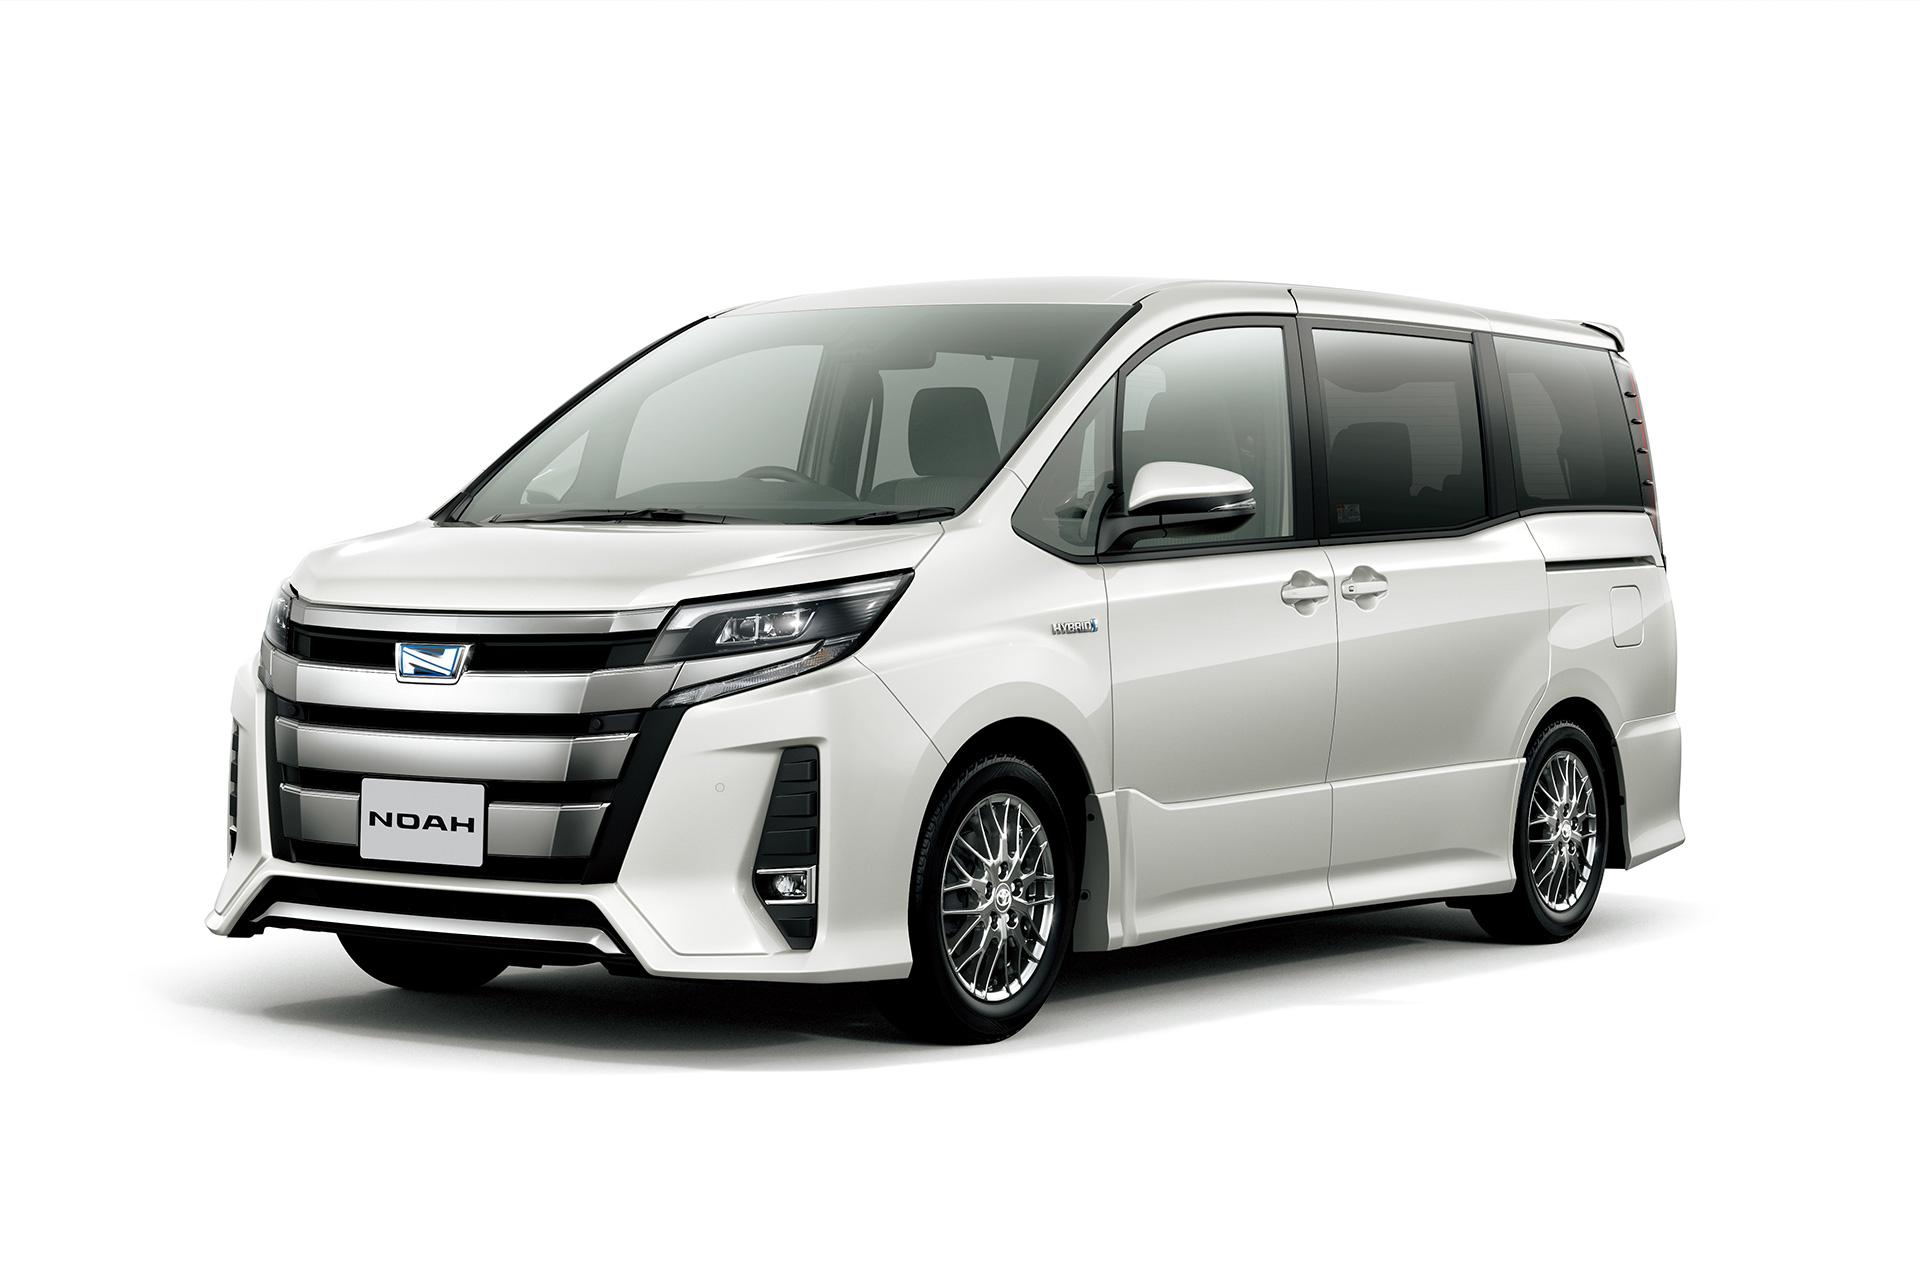 「【新車】トヨタのMクラスミニバン「ヴォクシー」「ノア」「エスクァイア」が先進安全機能を向上」の2枚目の画像